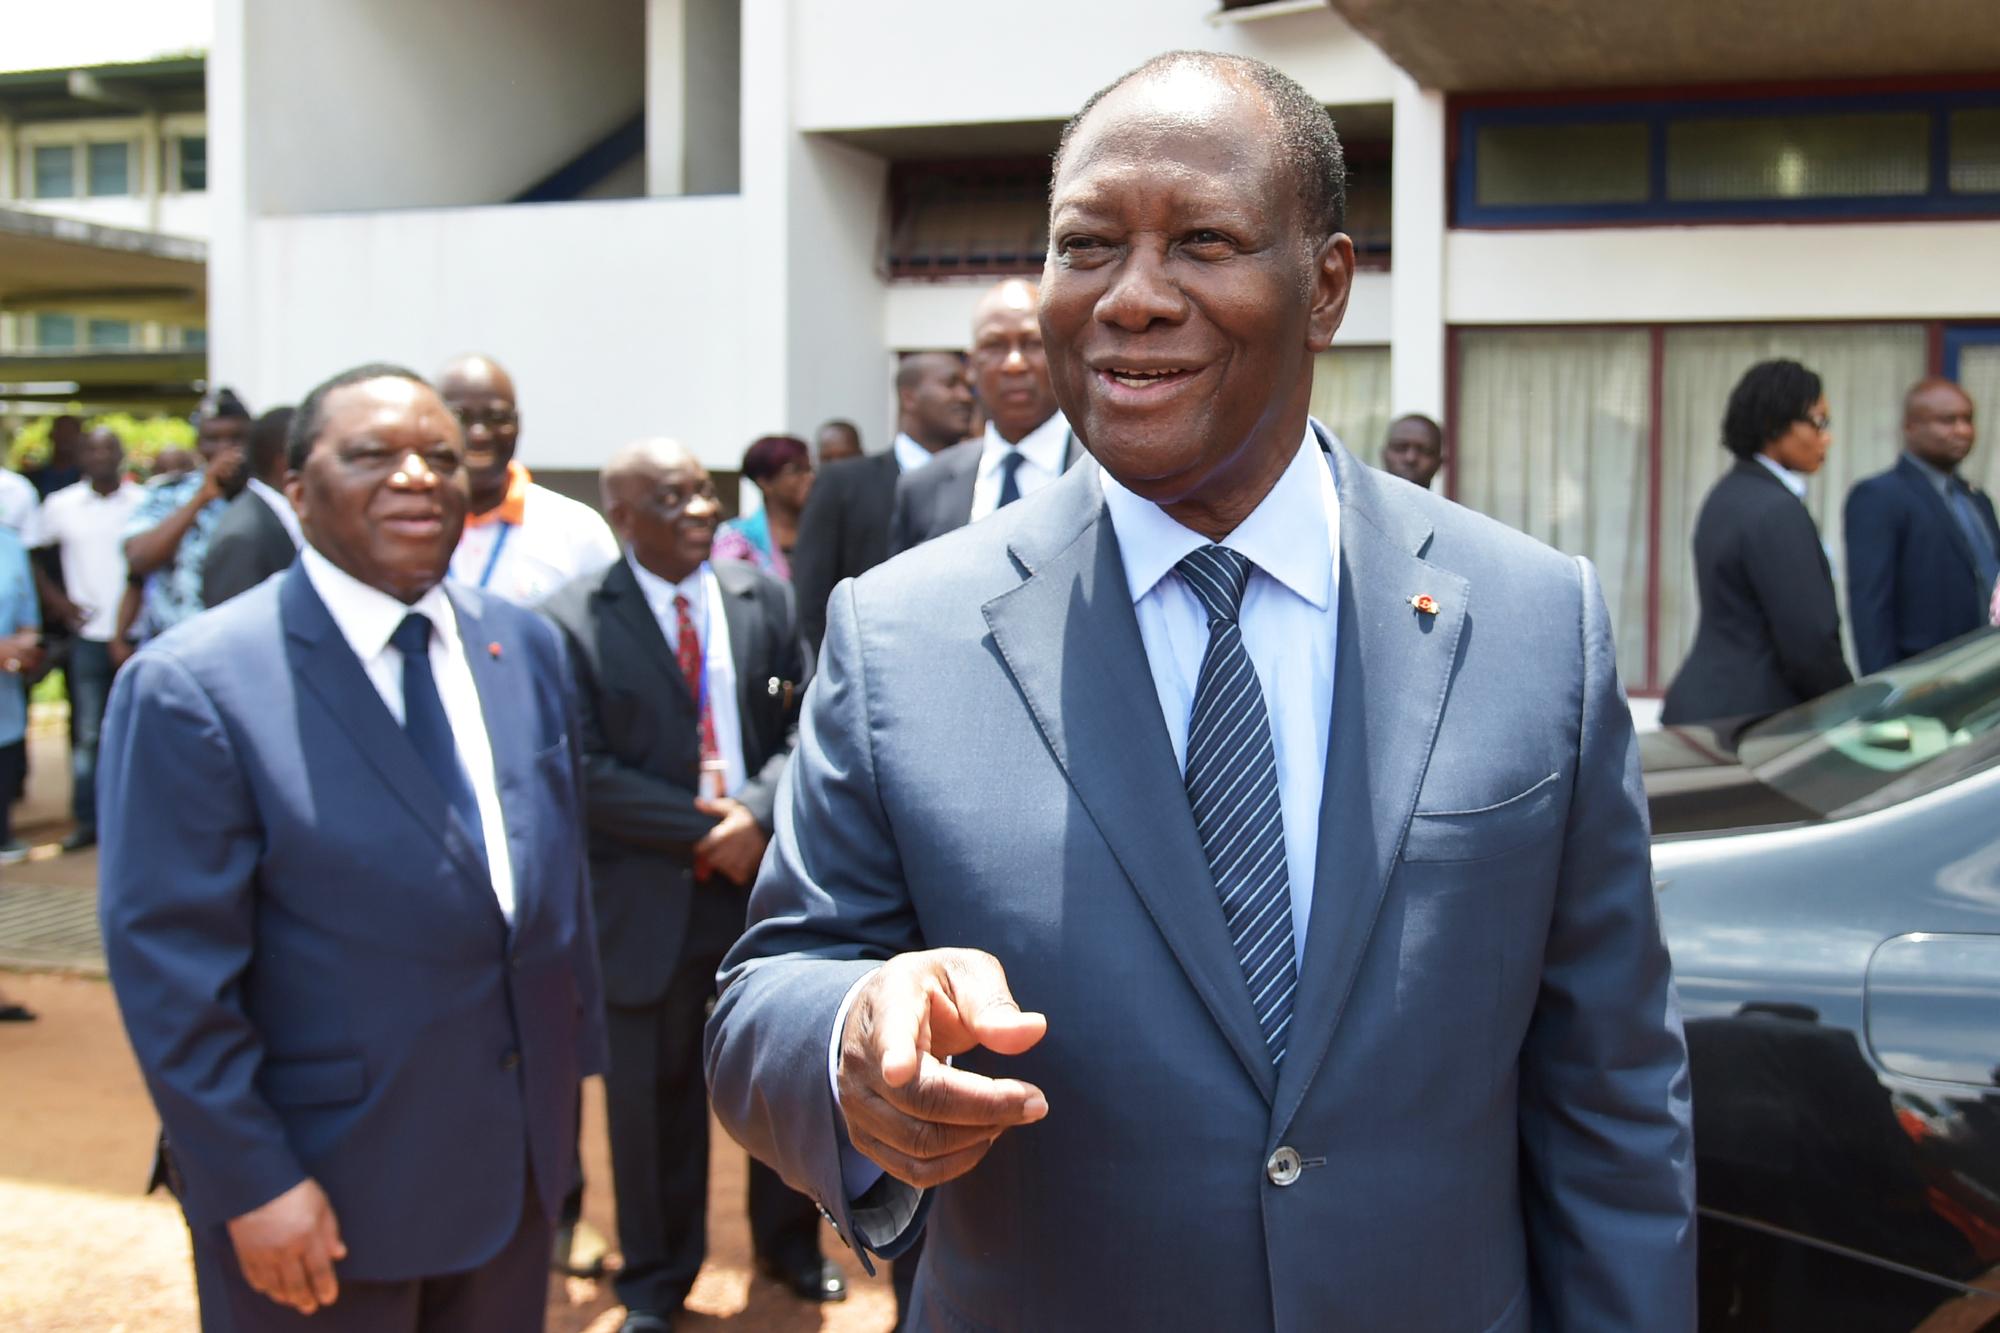 Le président, Alassane Ouattara, au sortir d'un bureau de vote de la commune de Cocody, à Abidjan, le 13octobre.